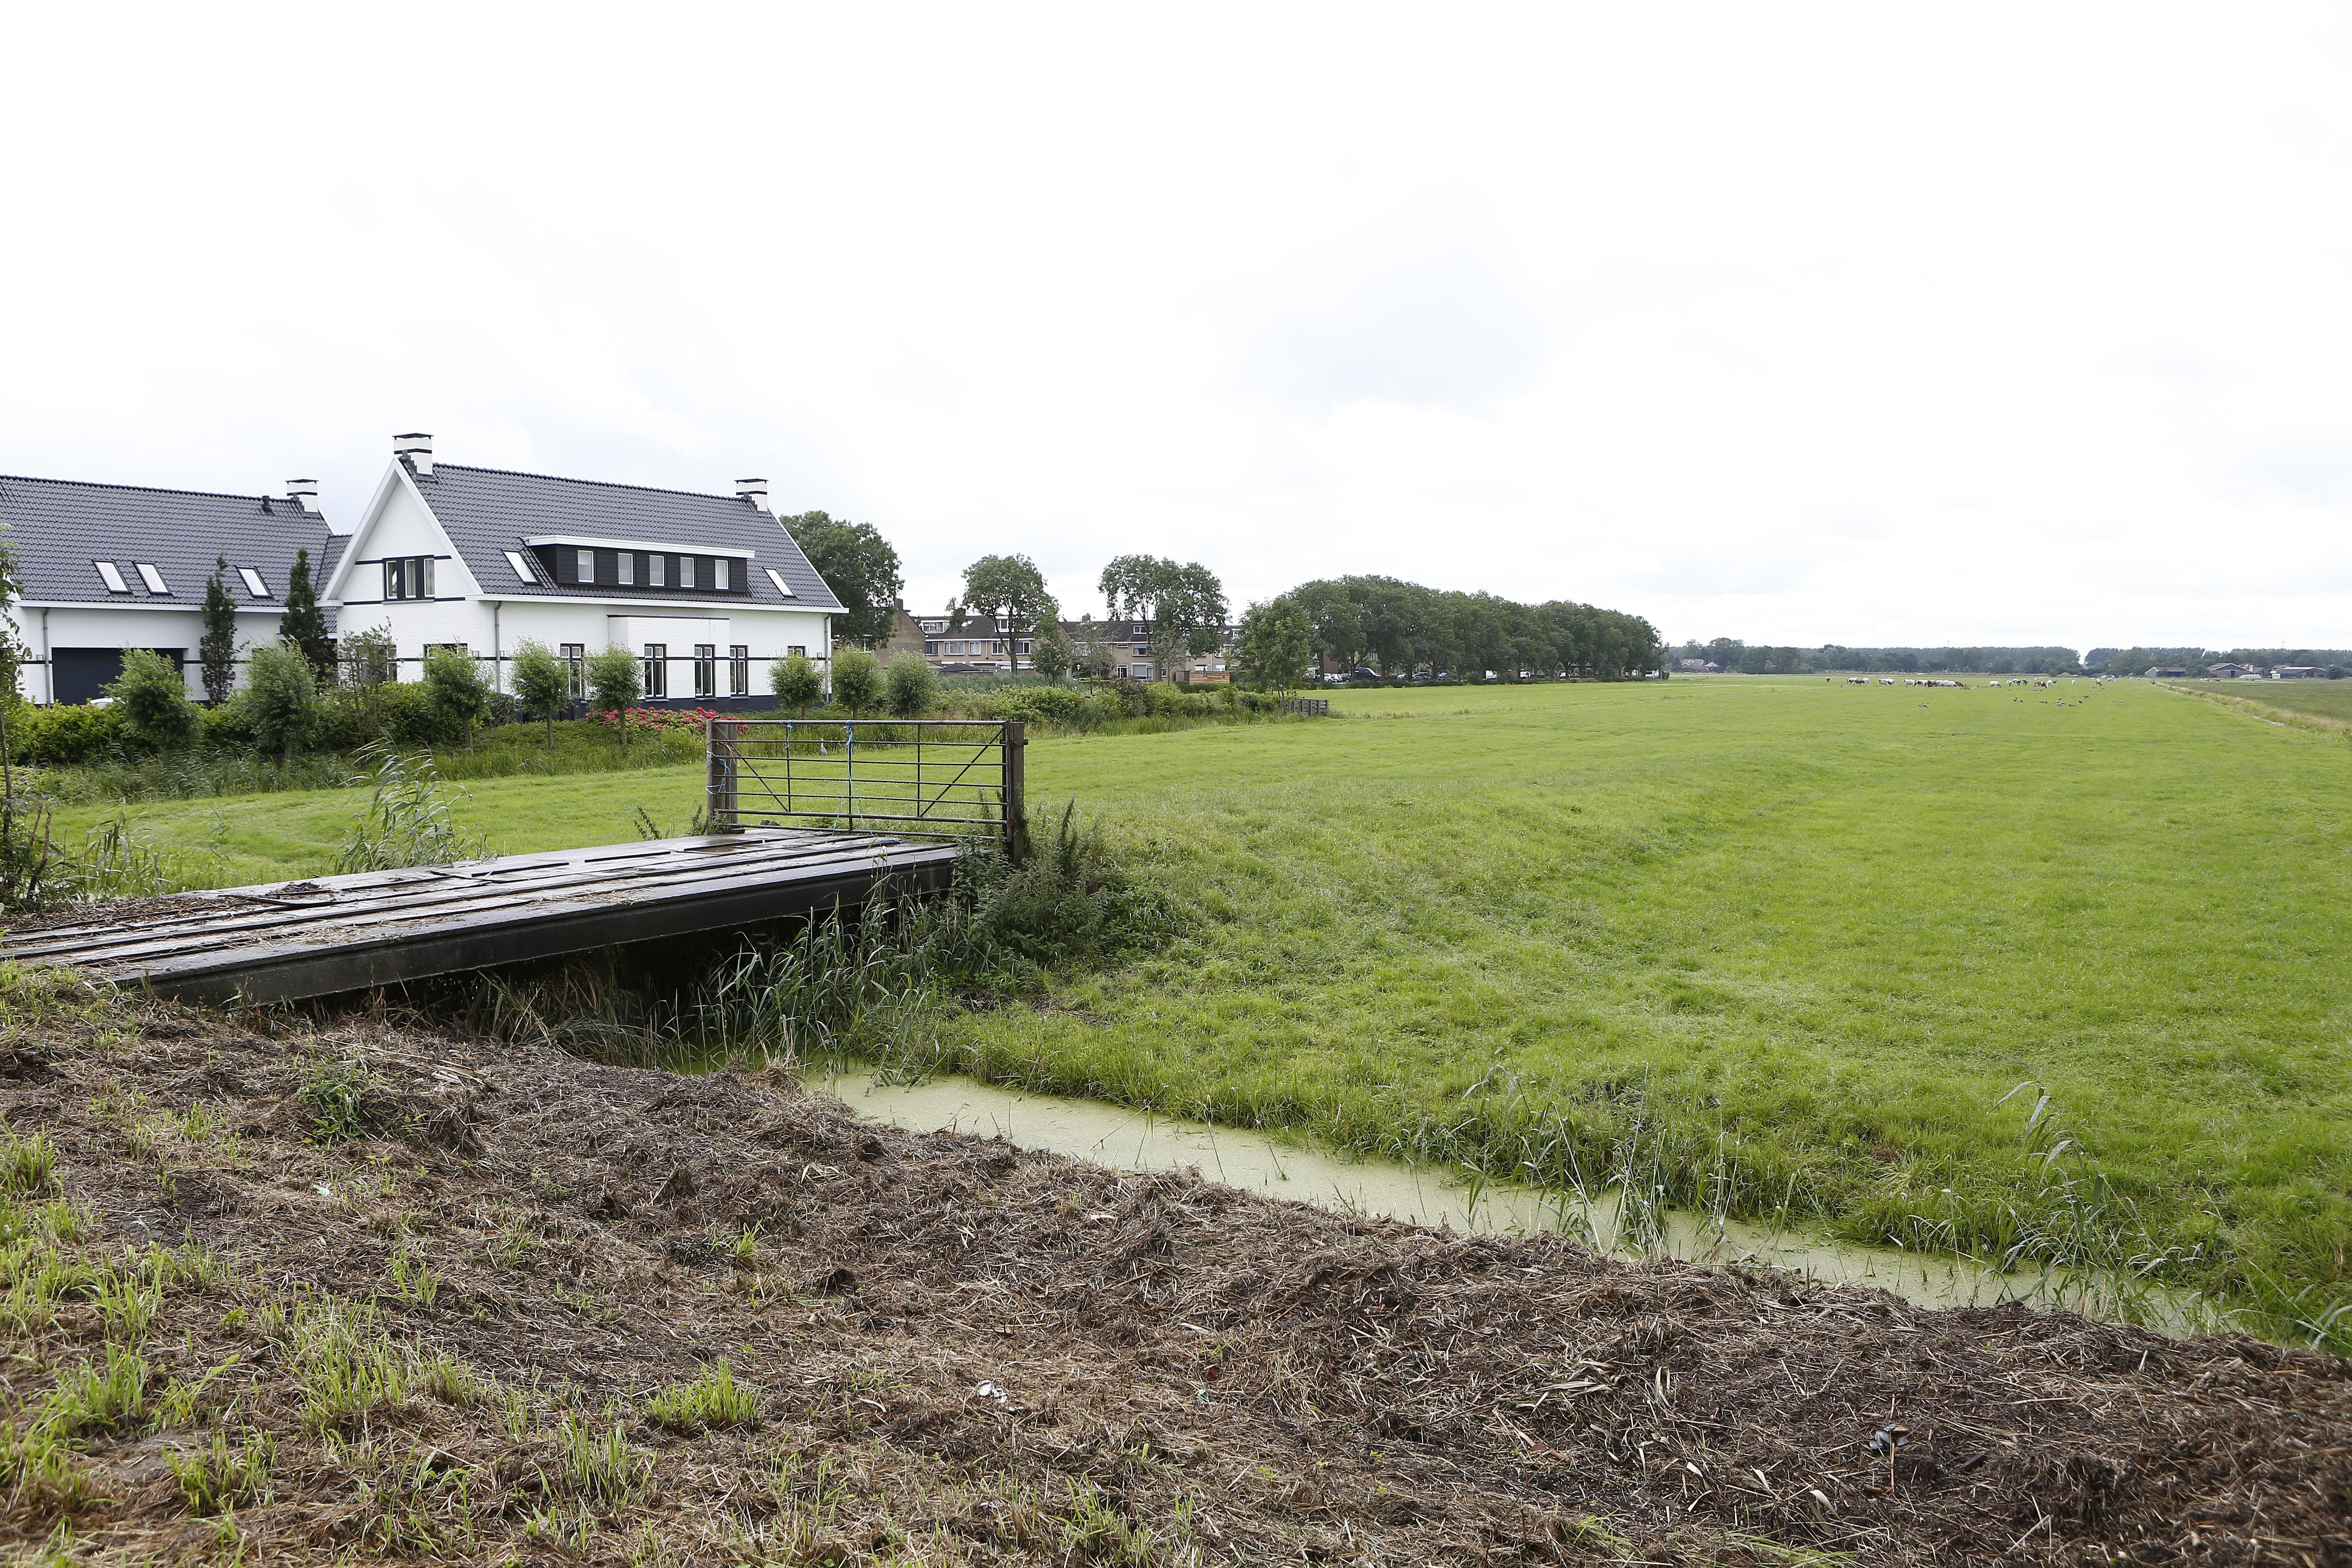 Hooglopende discussie rond nieuwbouw in polders Wijdemeren. Van 'ze moeten kunnen wonen bij de dorpen' tot 'meer huizen bij Hilversum'